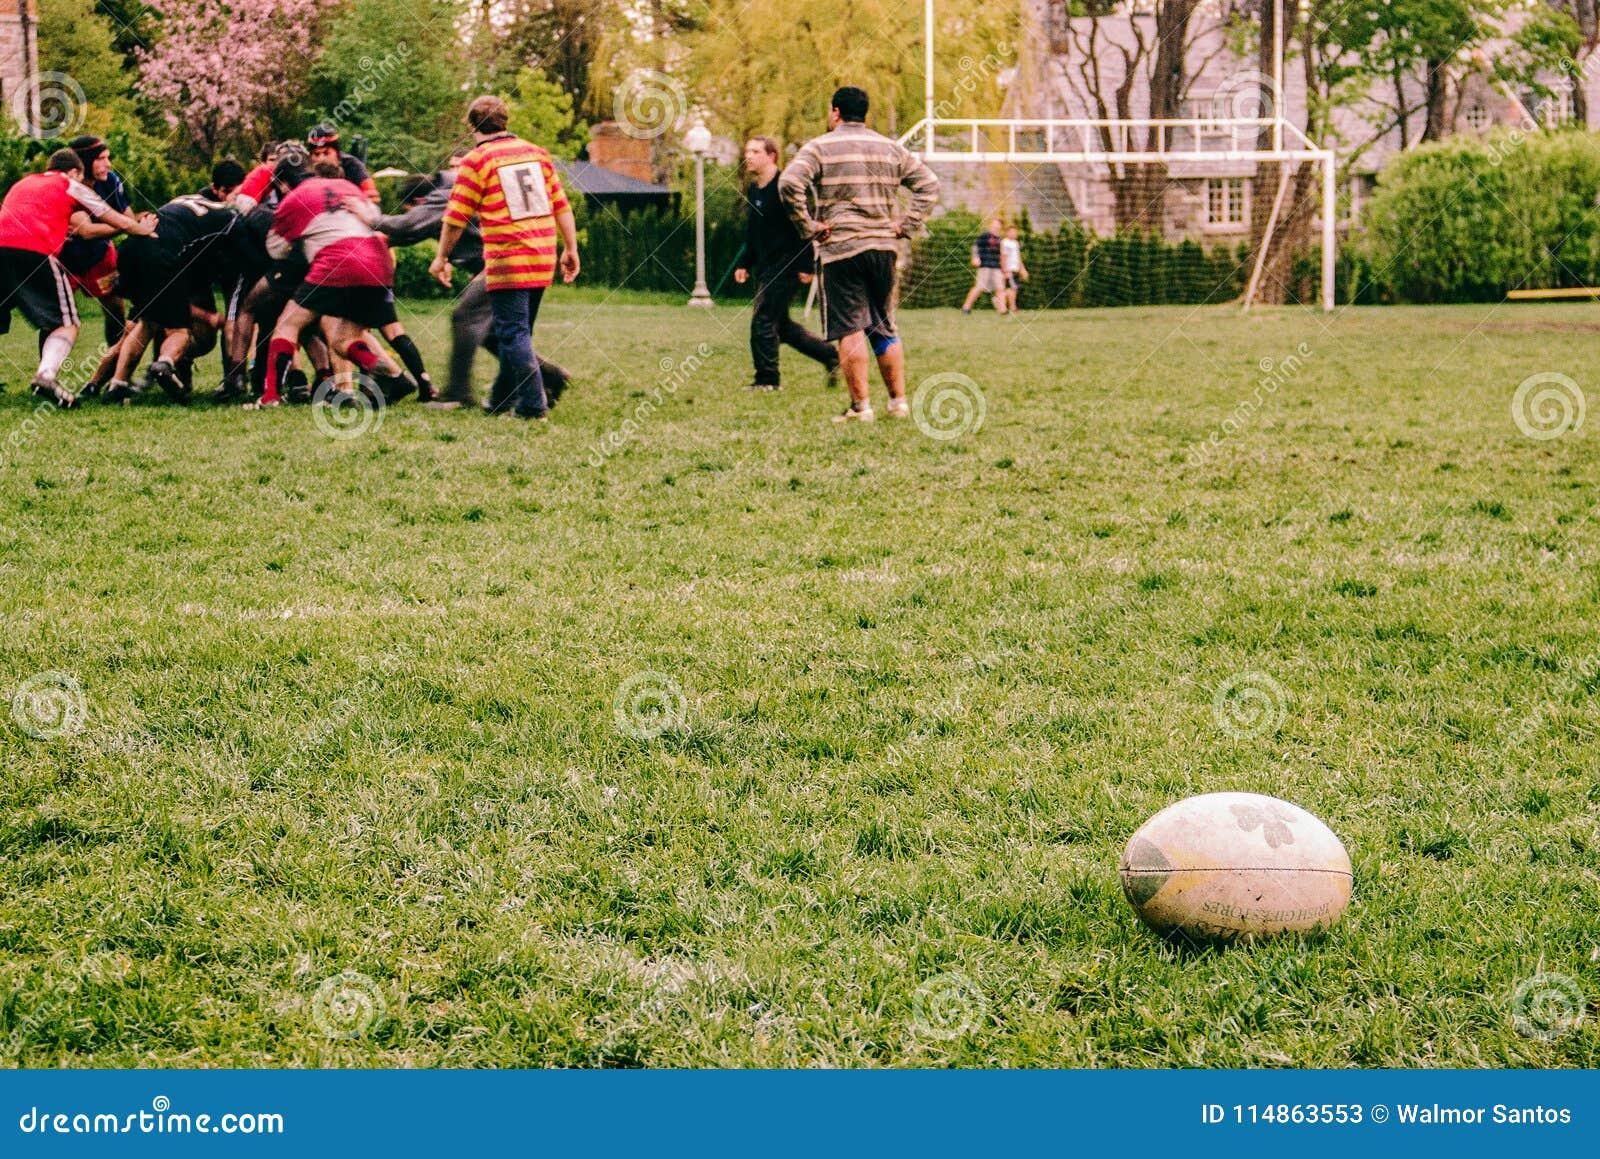 Σκηνή ράγκμπι